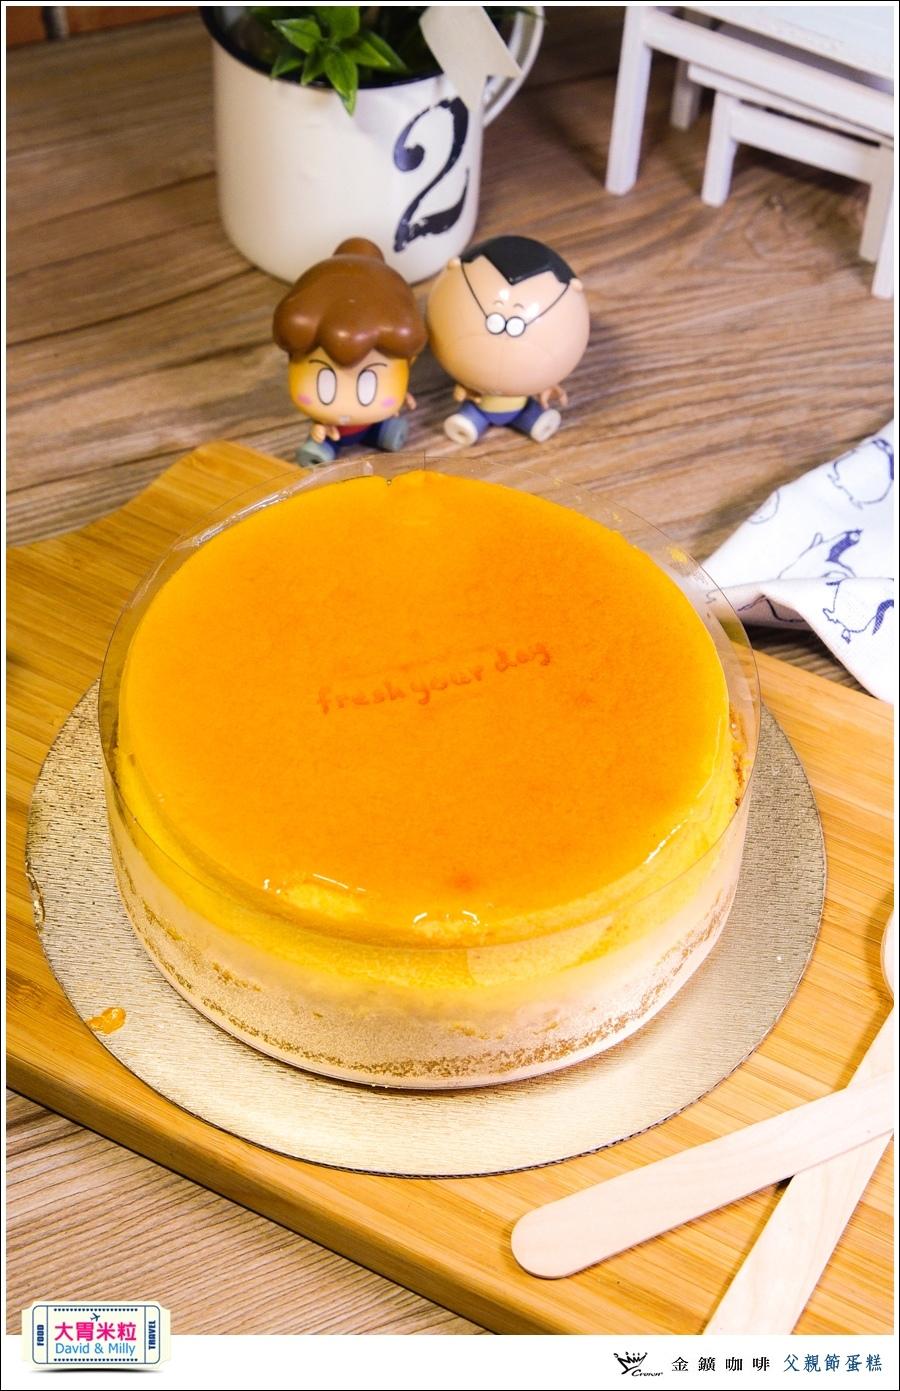 父親節蛋糕推薦-金礦咖啡2016父親節蛋糕限定預購優惠@大胃米粒0003.jpg